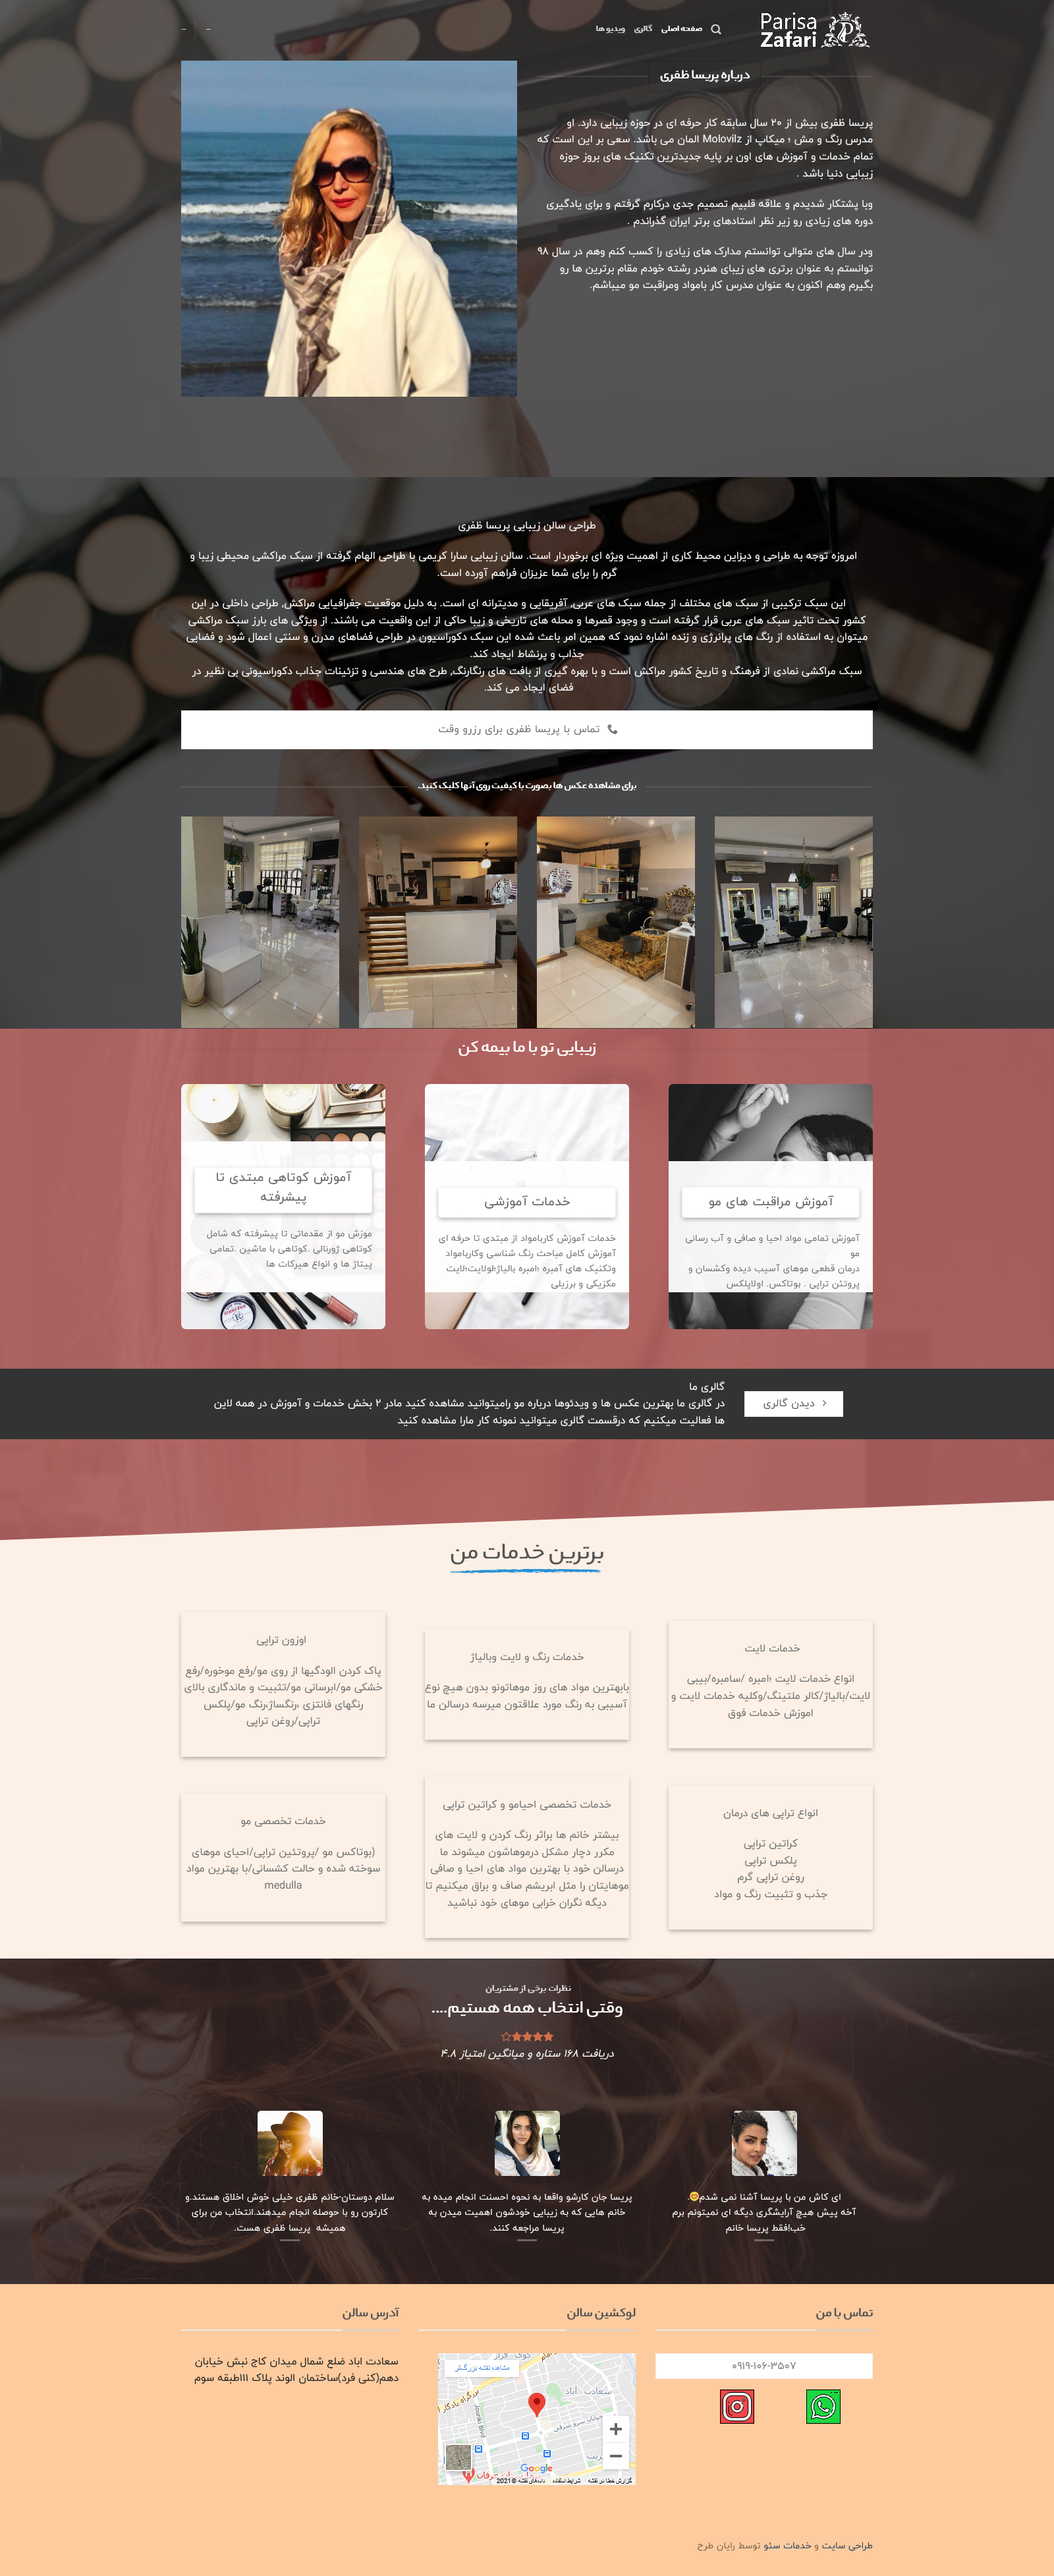 نمونه کار طراحی سایت پریسا ظفری - رایان طرح